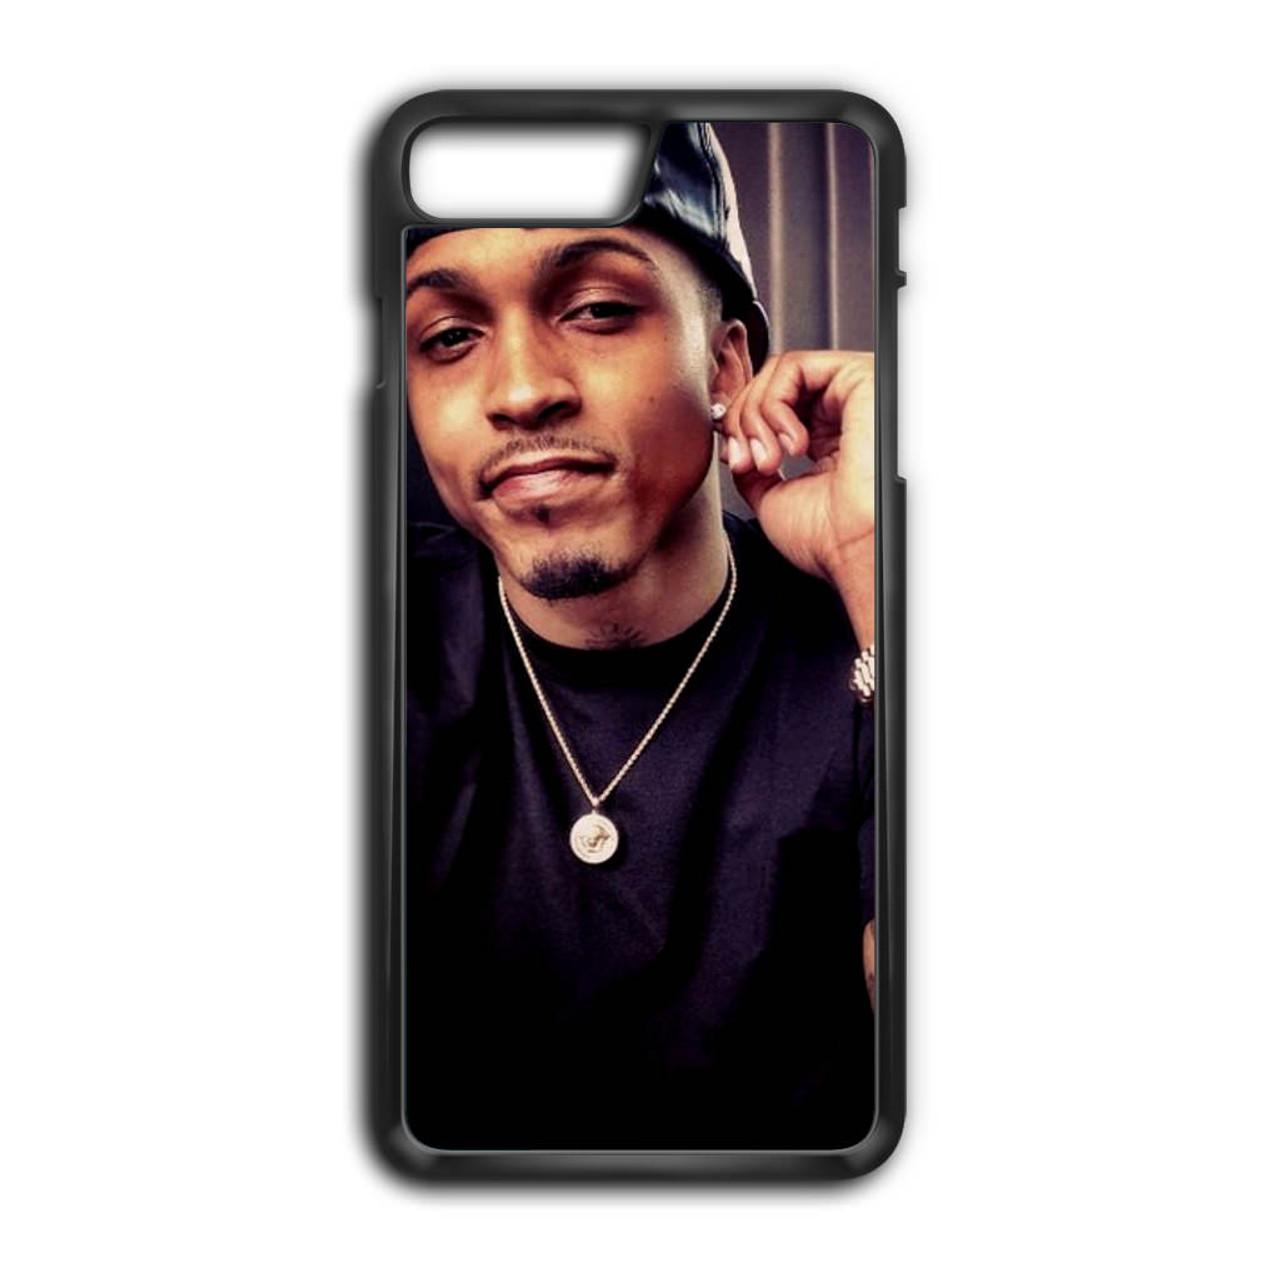 christian iphone 7 plus case